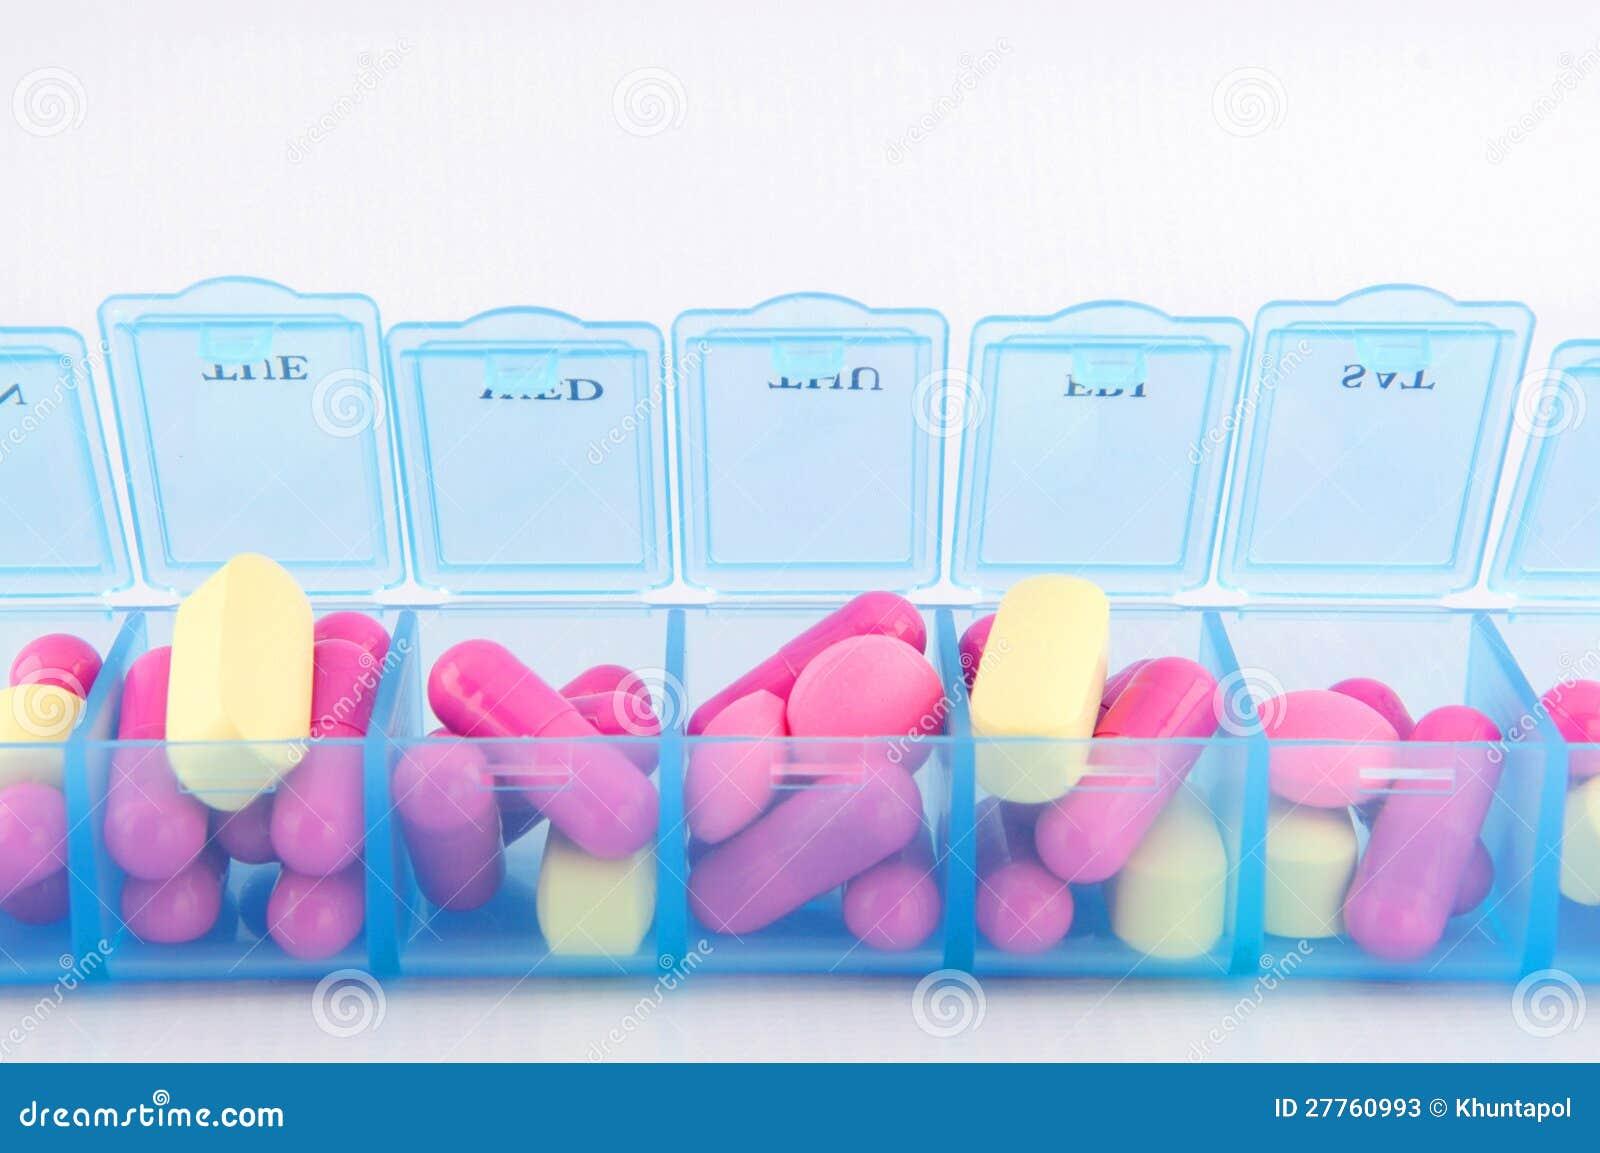 Fermé vers le haut de la capsule et des tablettes dans le cadre quotidien de pillule